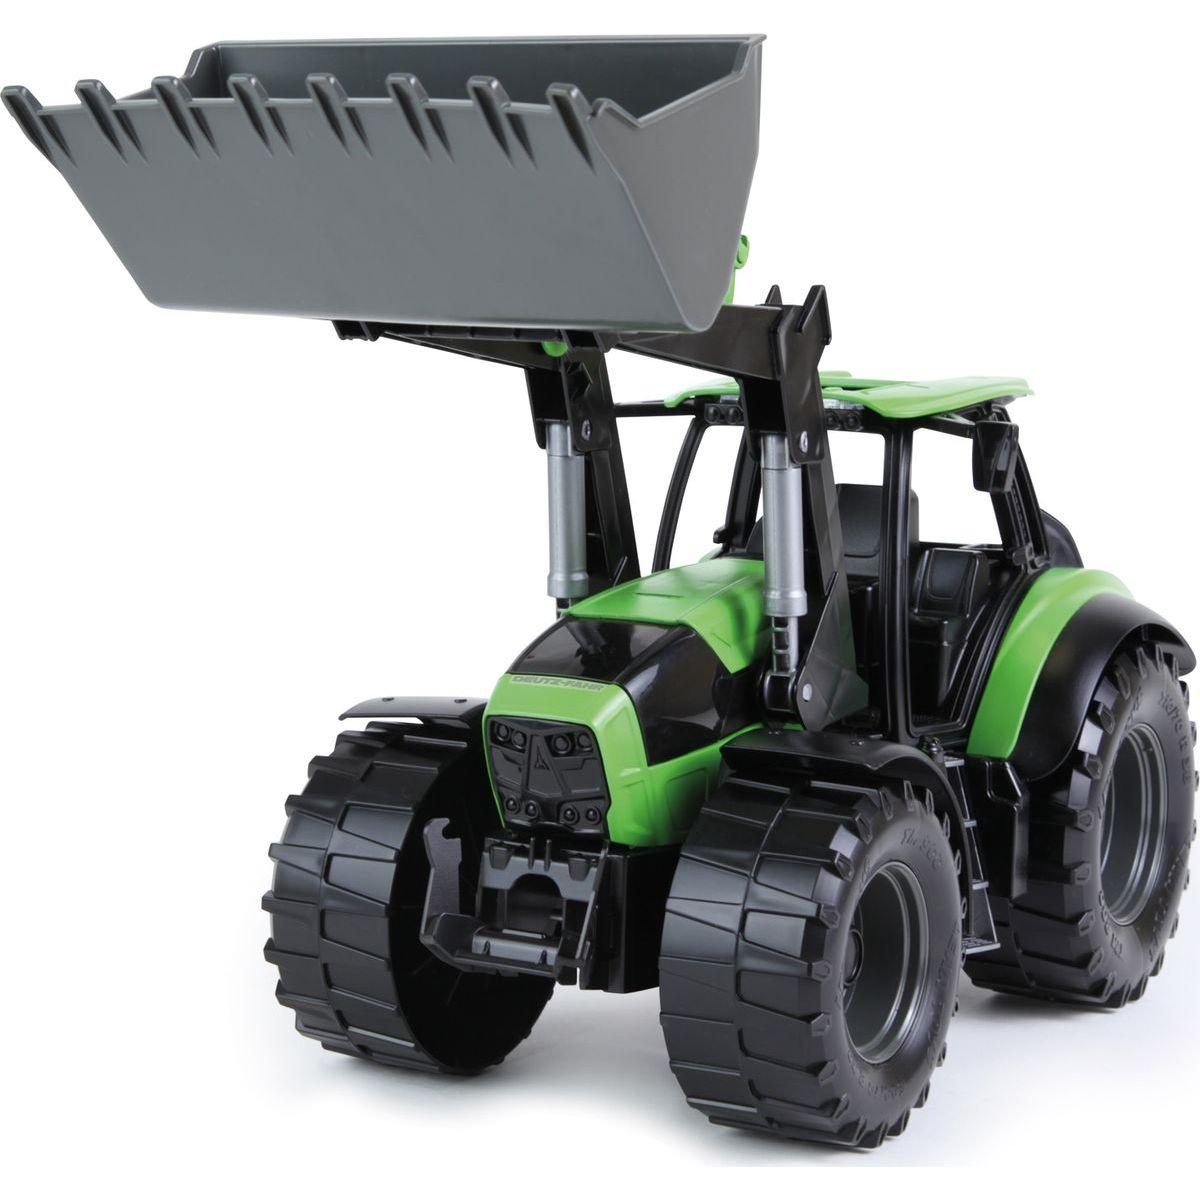 Lena 04603 Deutz Traktor Fahr Agrotron 7250